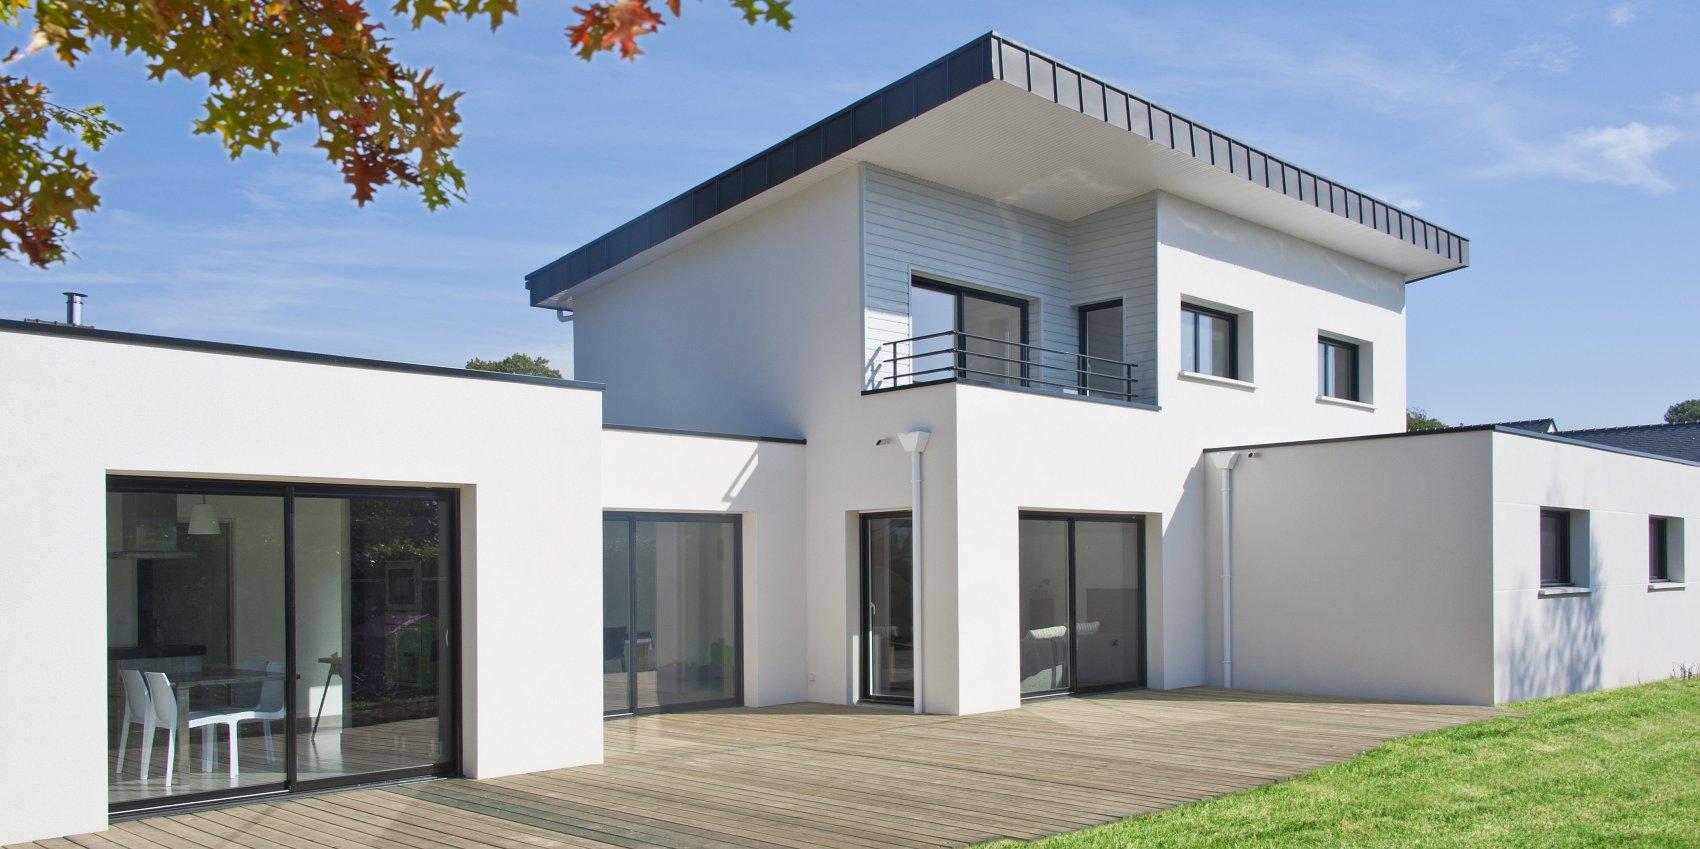 Constructeur maison individuelle vannes ventana blog for Constructeur maison individuelle 84